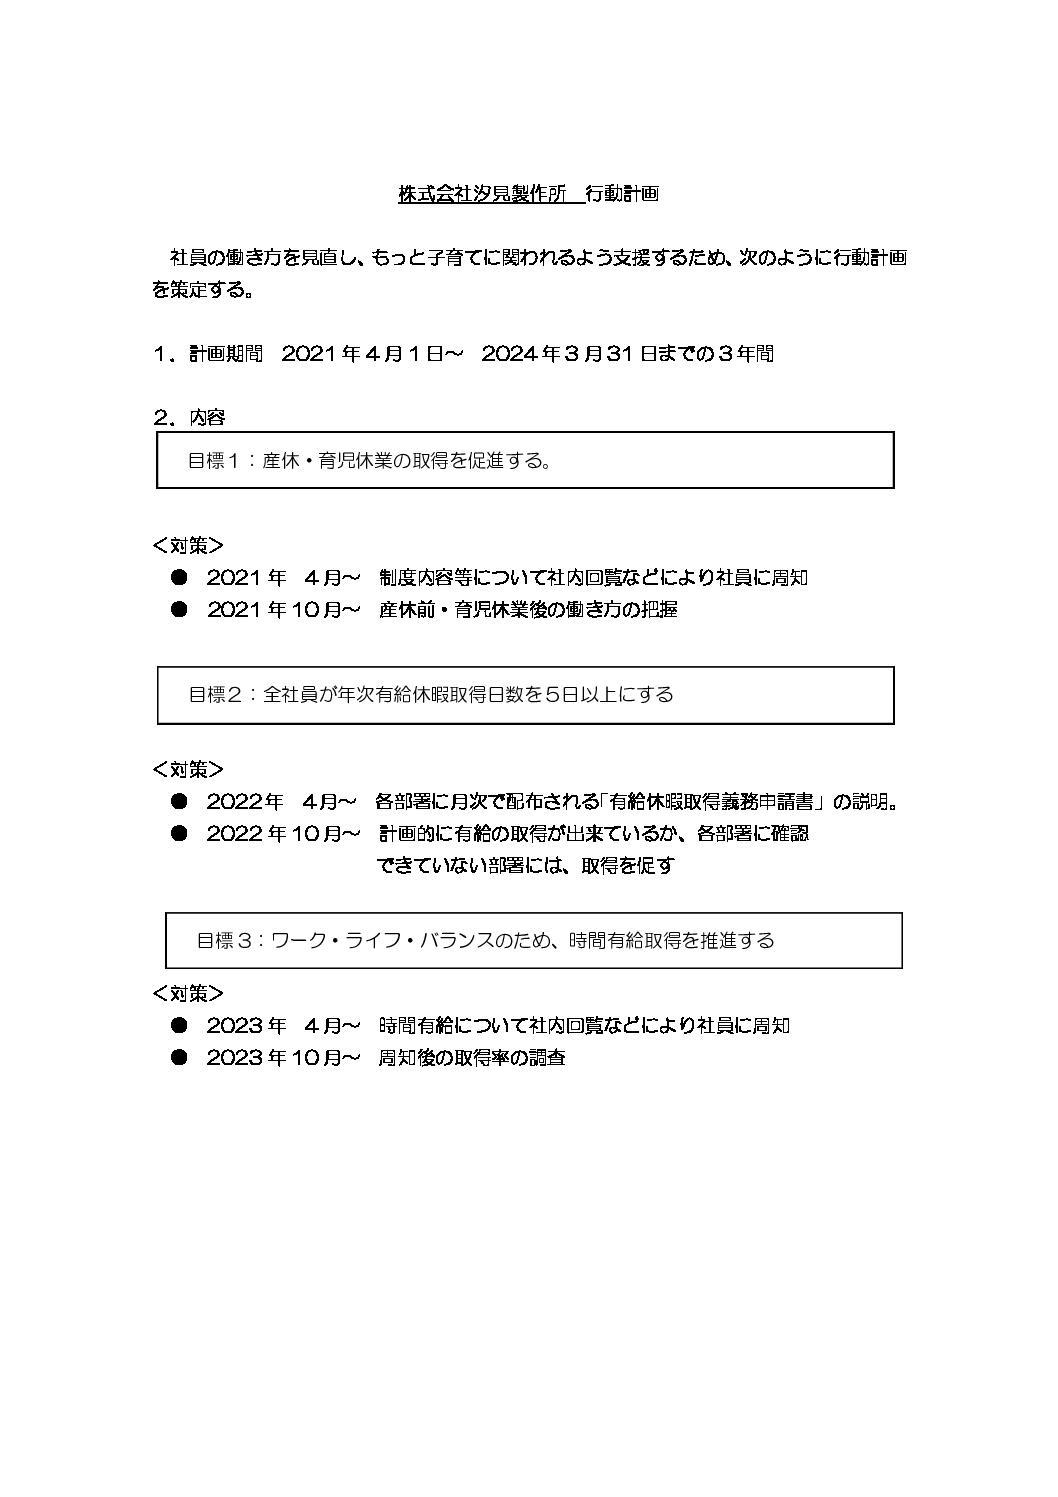 一般事業主行動計画の策定・届出を提出しました!